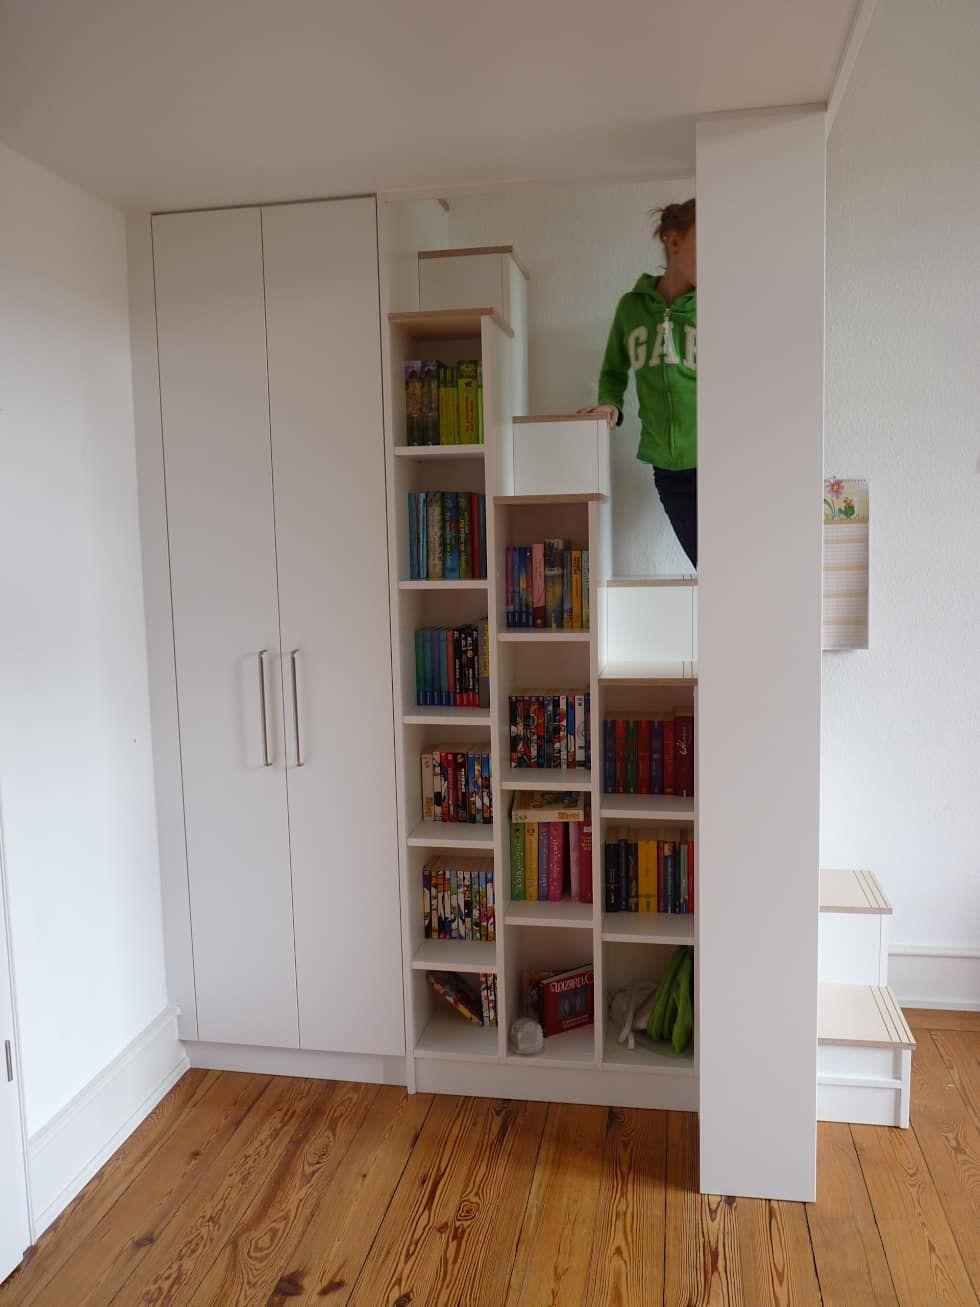 Wohnideen, Interior Design, Einrichtungsideen U0026 Bilder | Pinterest |  Cottage Ideas, Master Closet